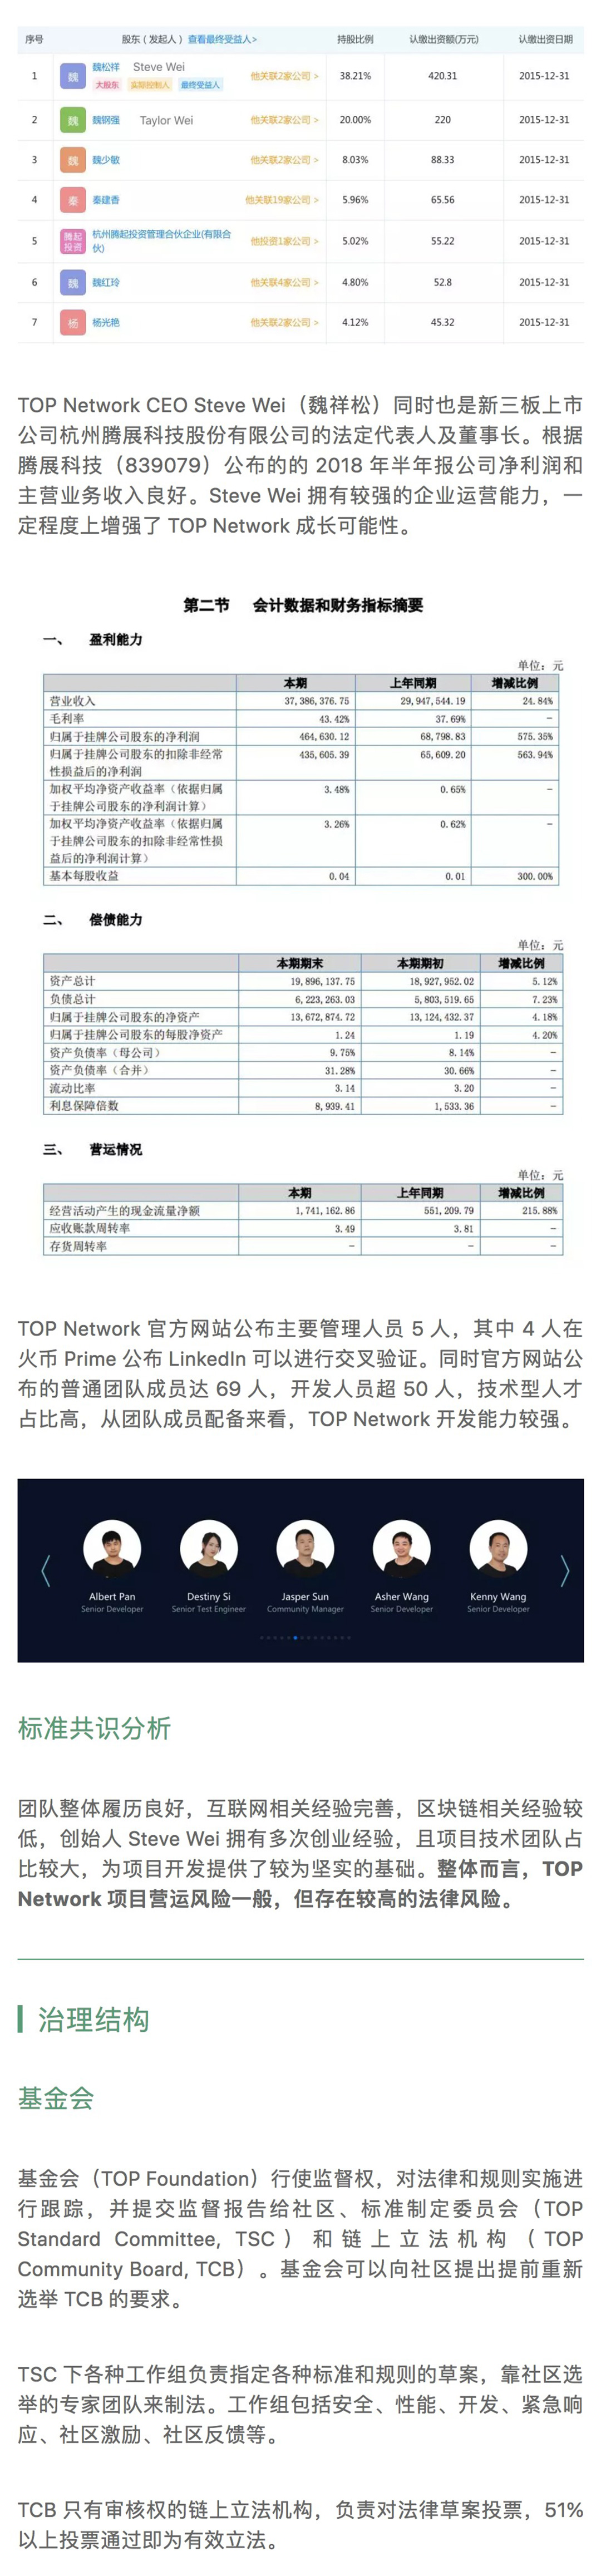 标准共识:火币IEO第一项目TOP价格被操纵风险较高